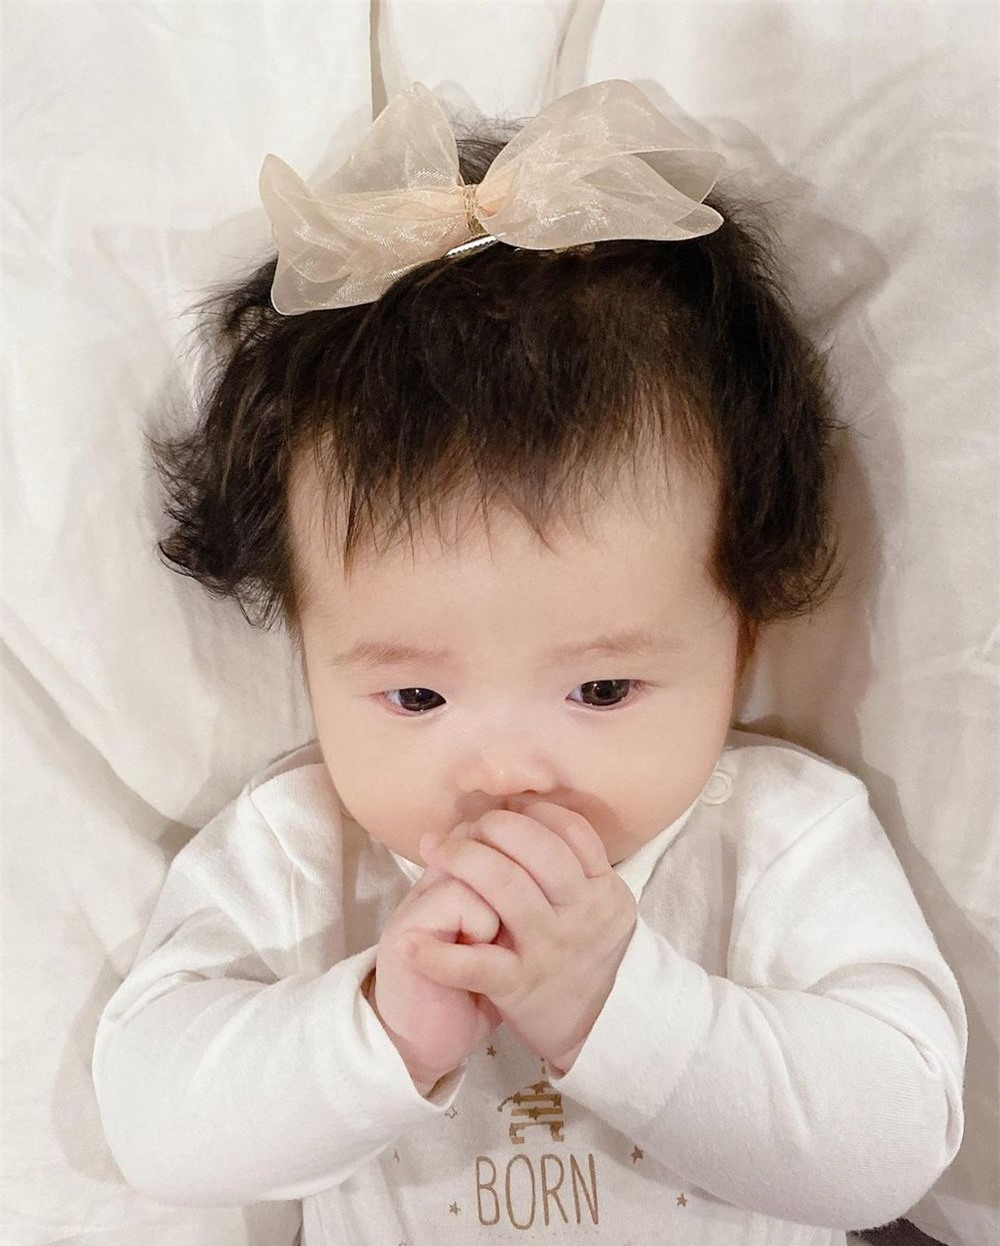 Hết bị trêu là má bánh bao, thế lực nhí 5 tháng tuổi của Đông Nhi lại bị lôi ra làm mẫu tóc cho mẹ - Ảnh 3.